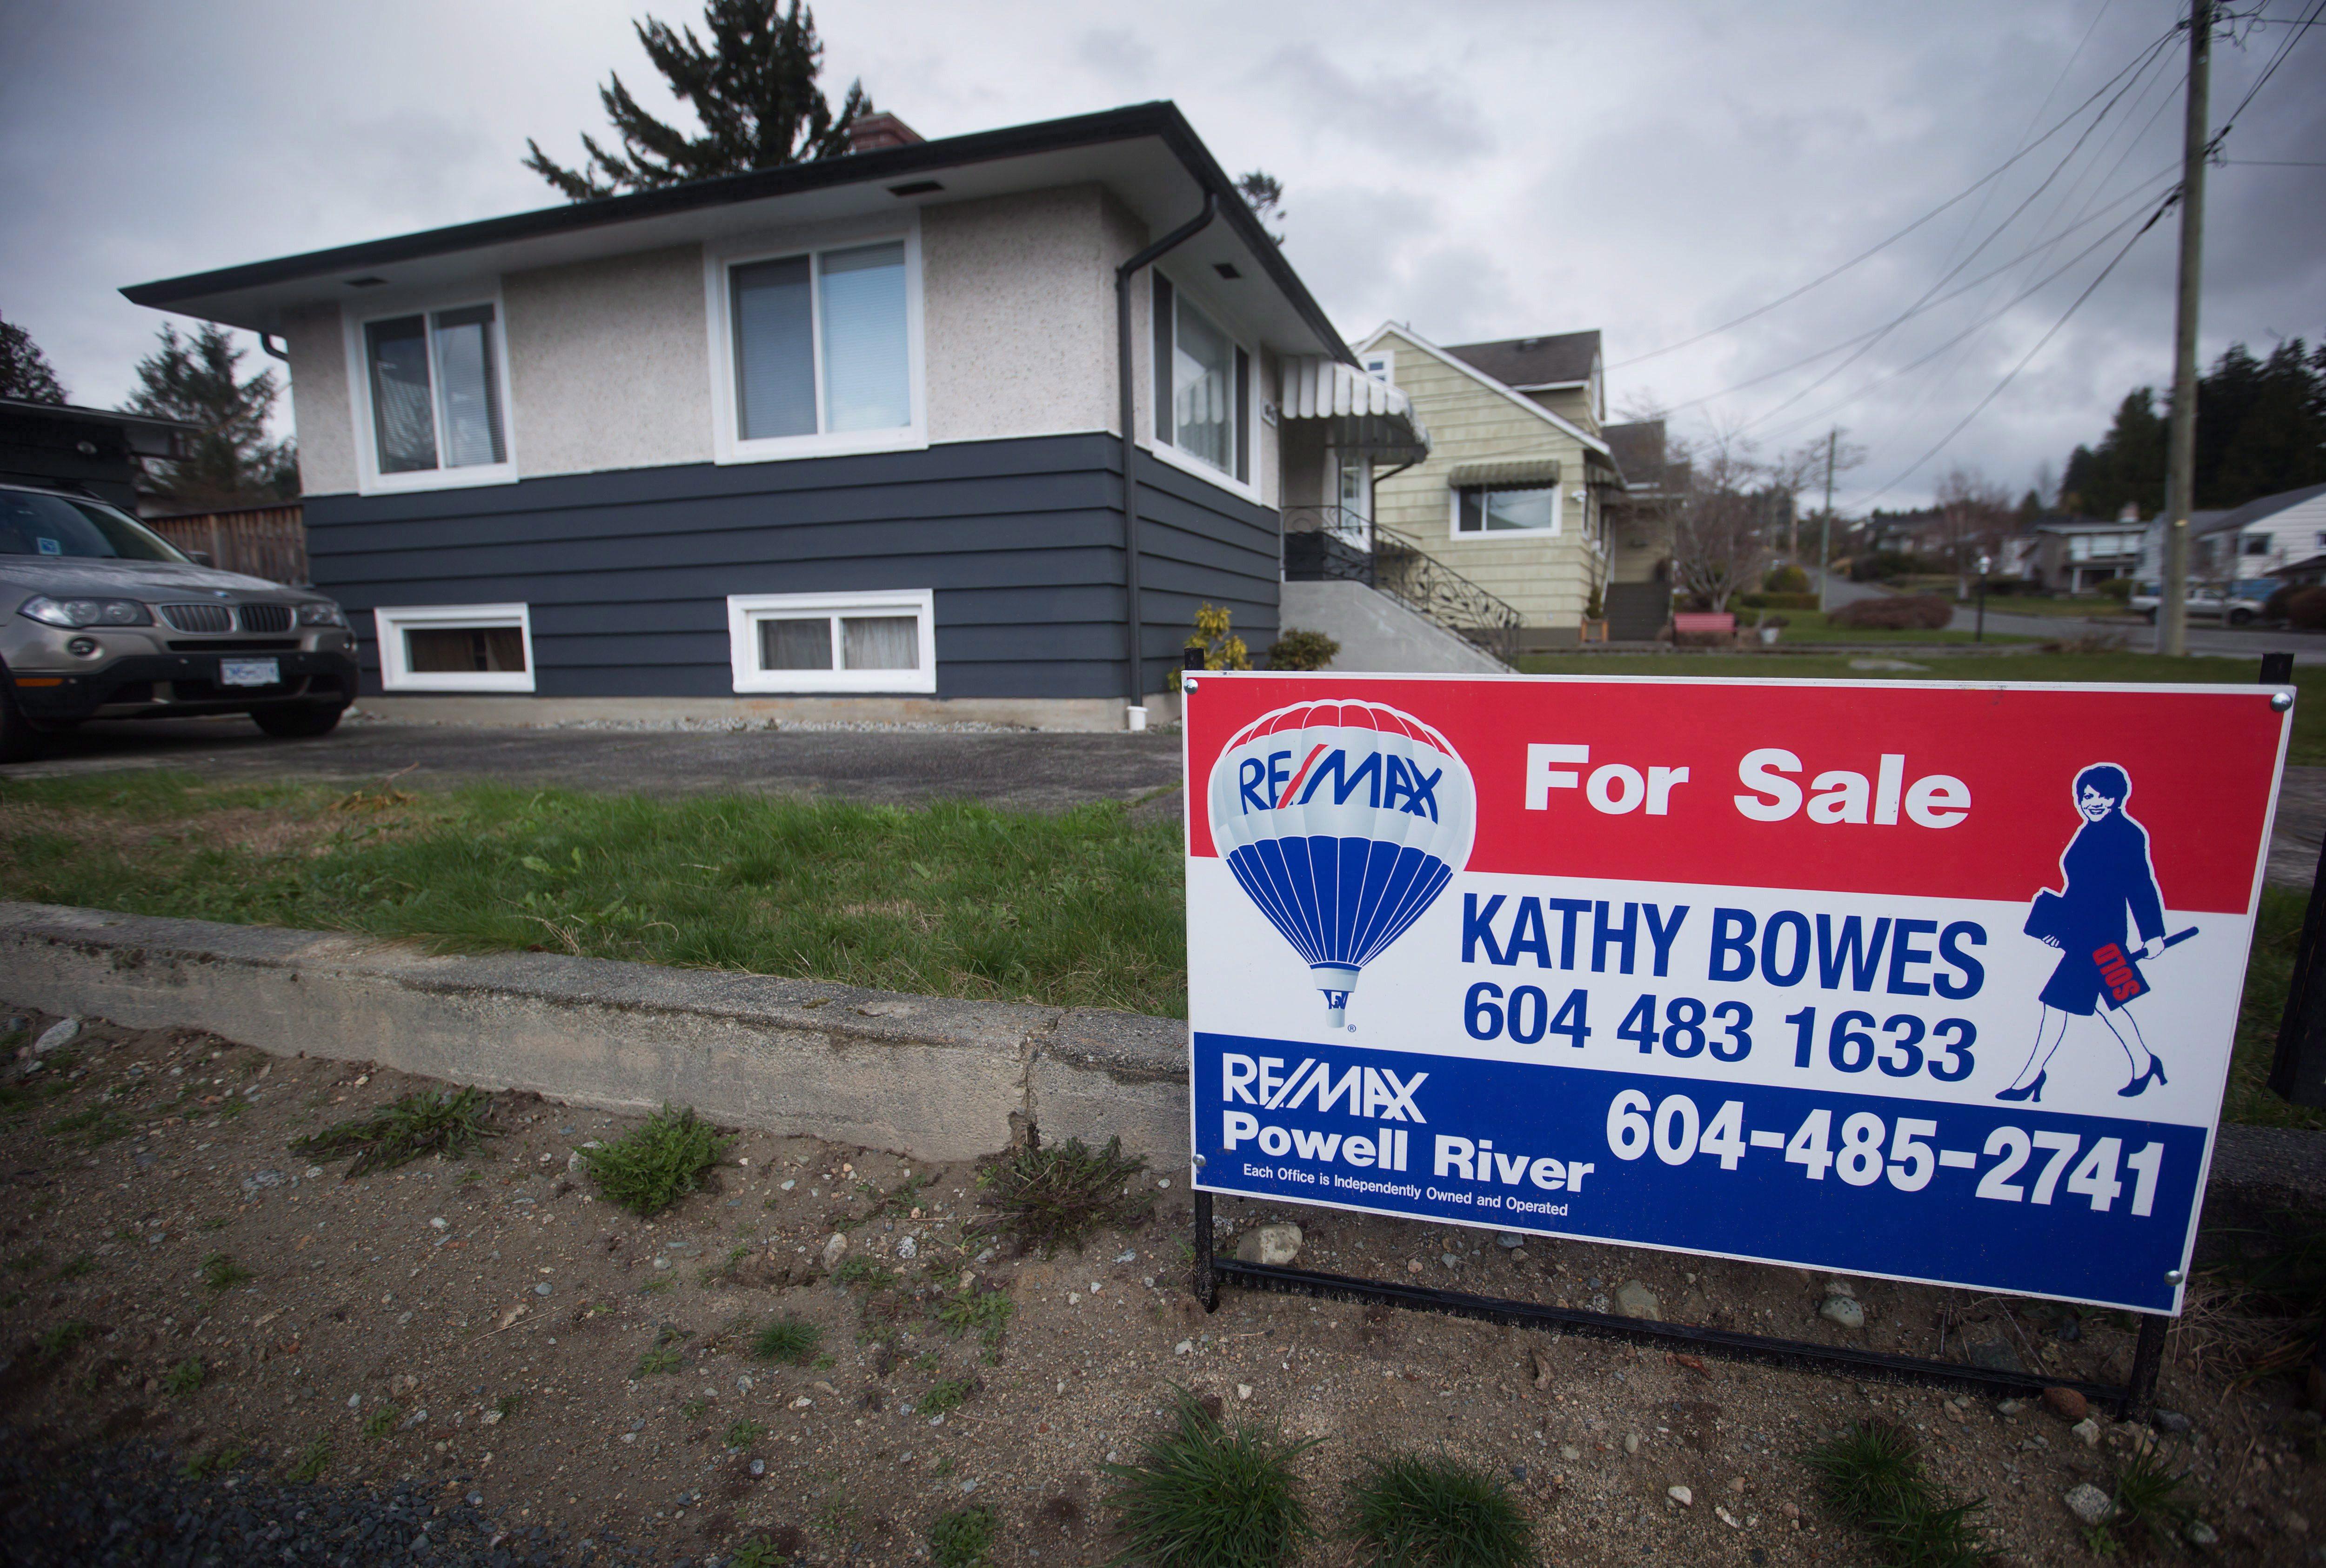 外国买家今年上半年撤出加国大温哥华房市